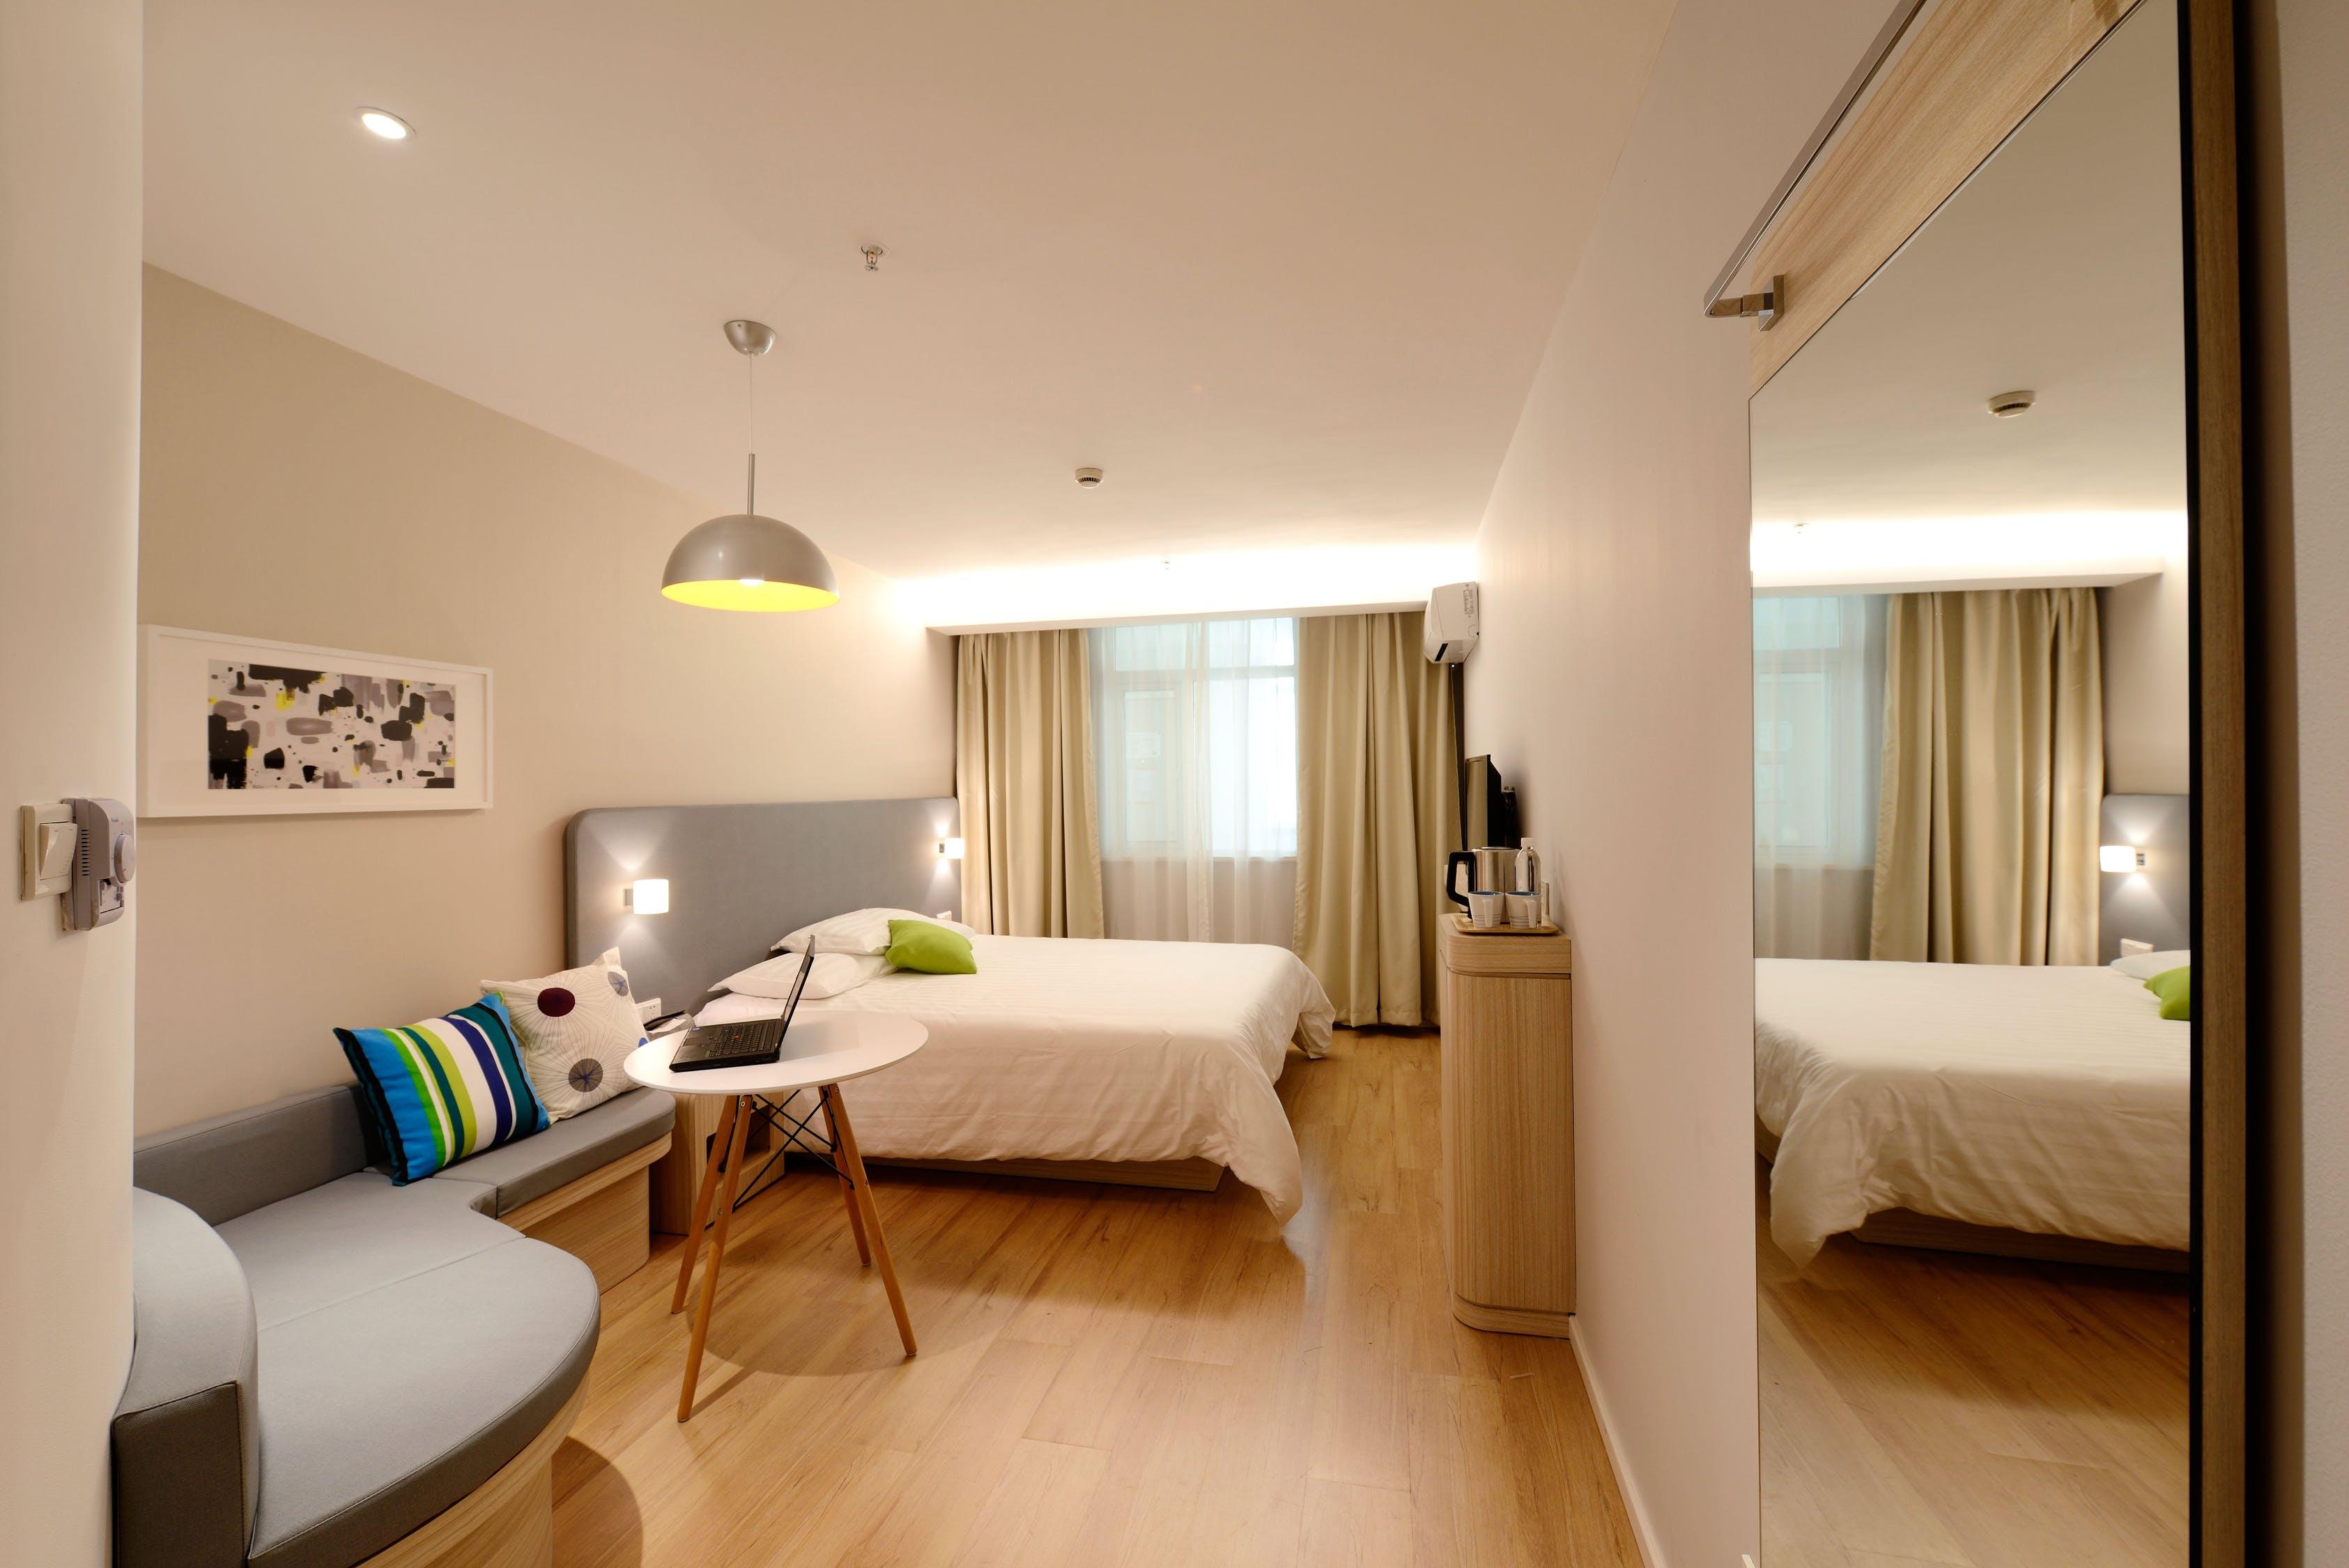 Camera da letto in color tortora classica e affascinante